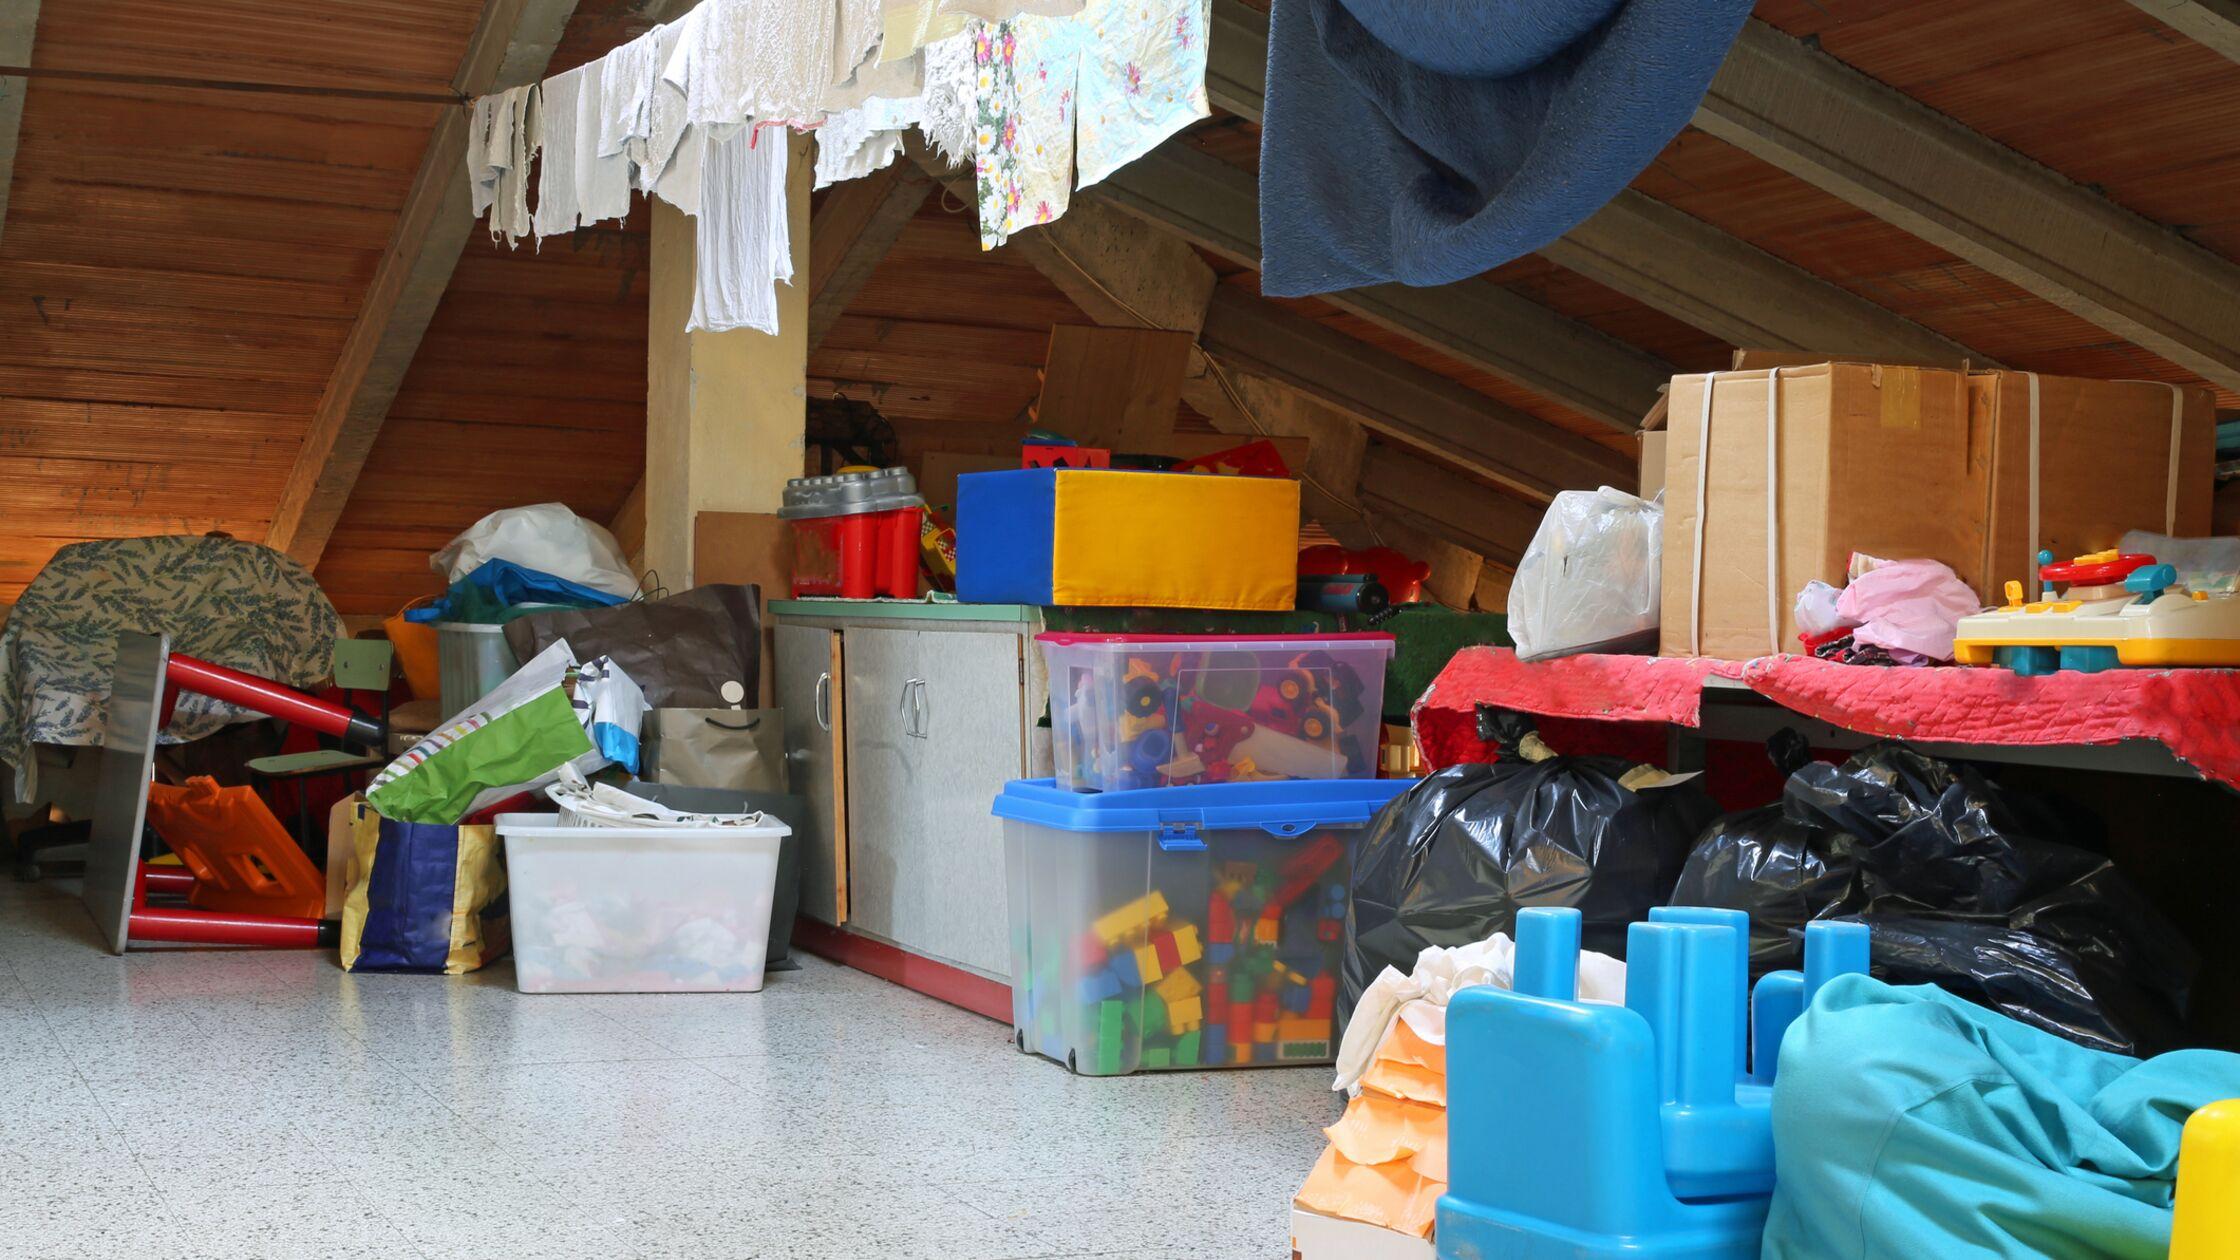 Dachboden voller Kisten mit Spielzeug und Wäscheleine